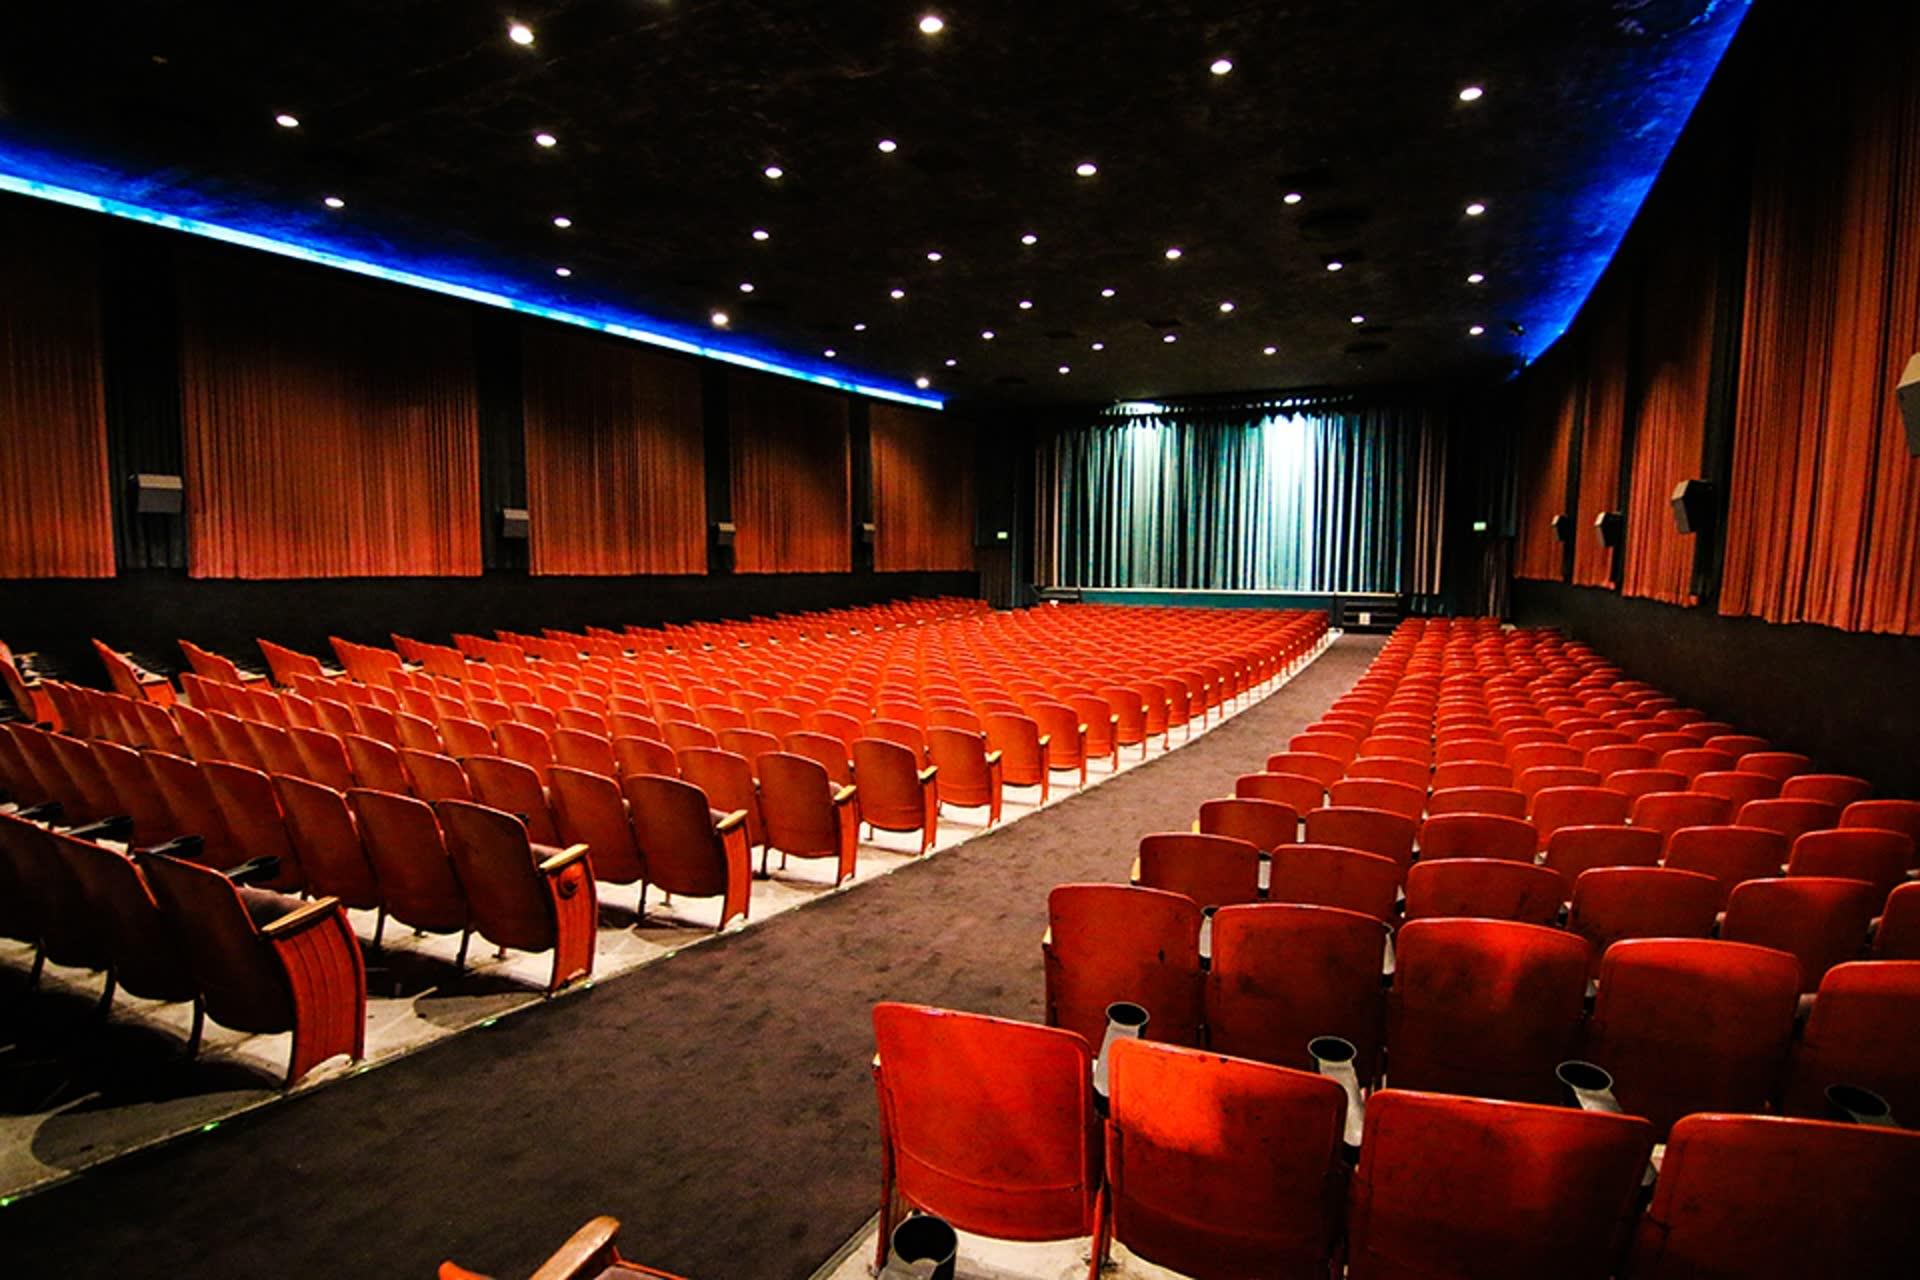 Concert venues